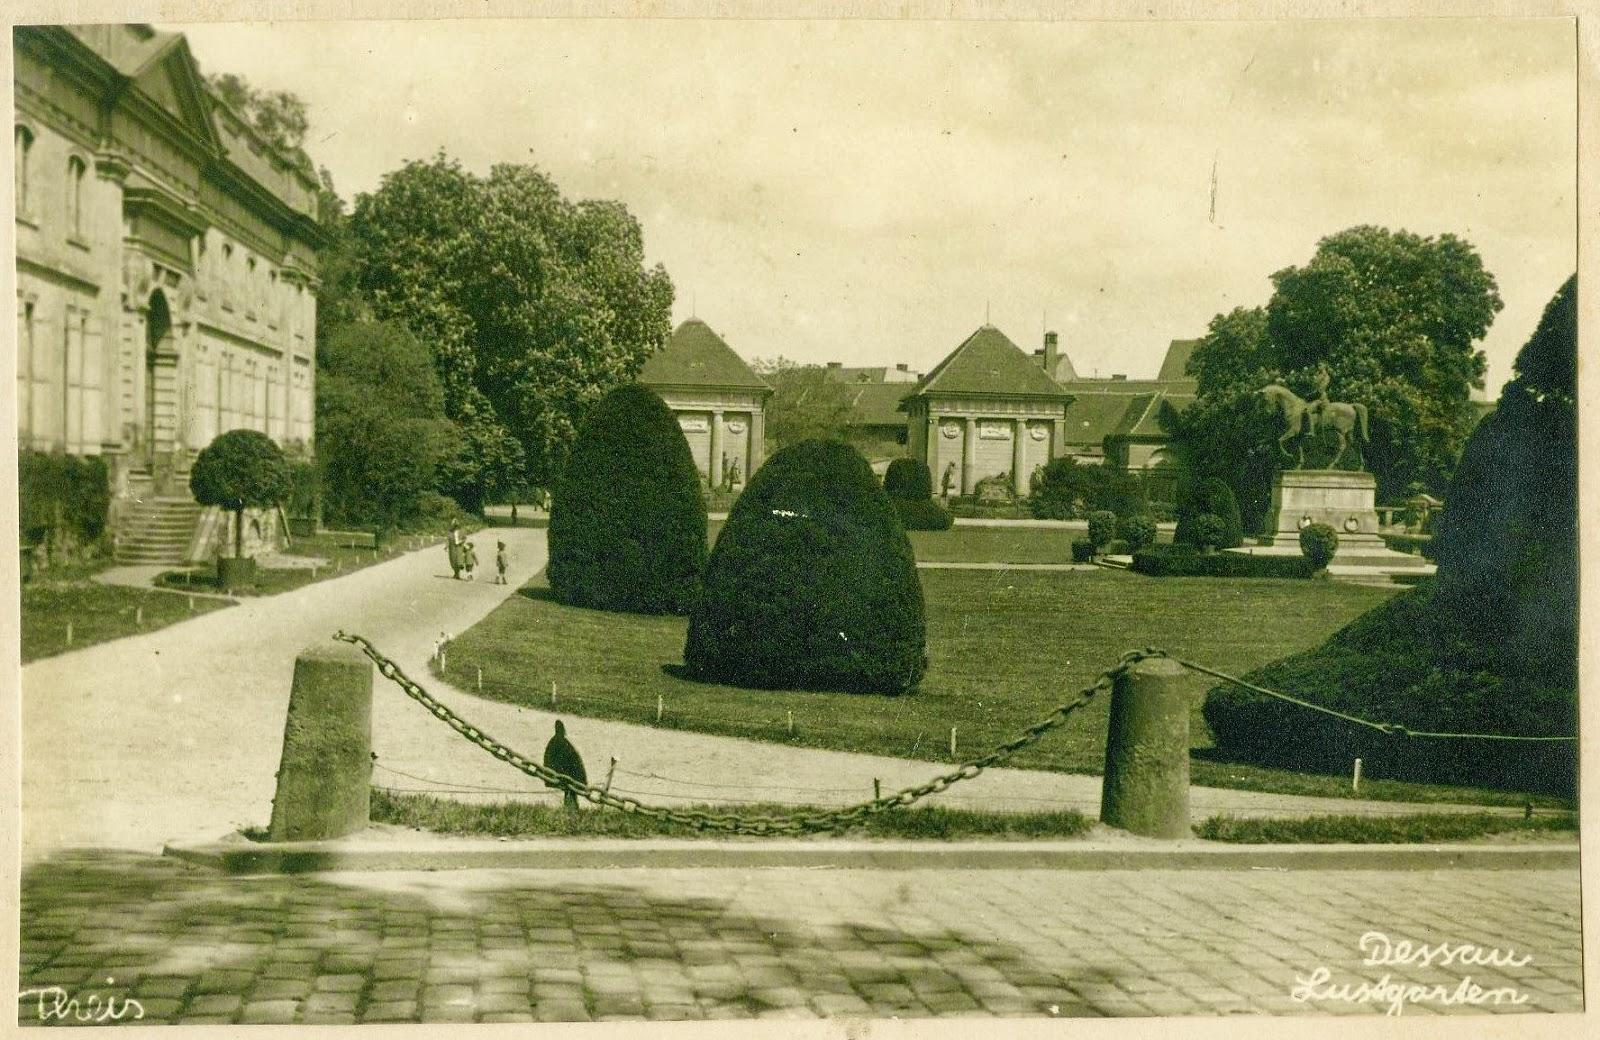 Altes und Neues von Bernd Nowack, Dessau: Eine alte